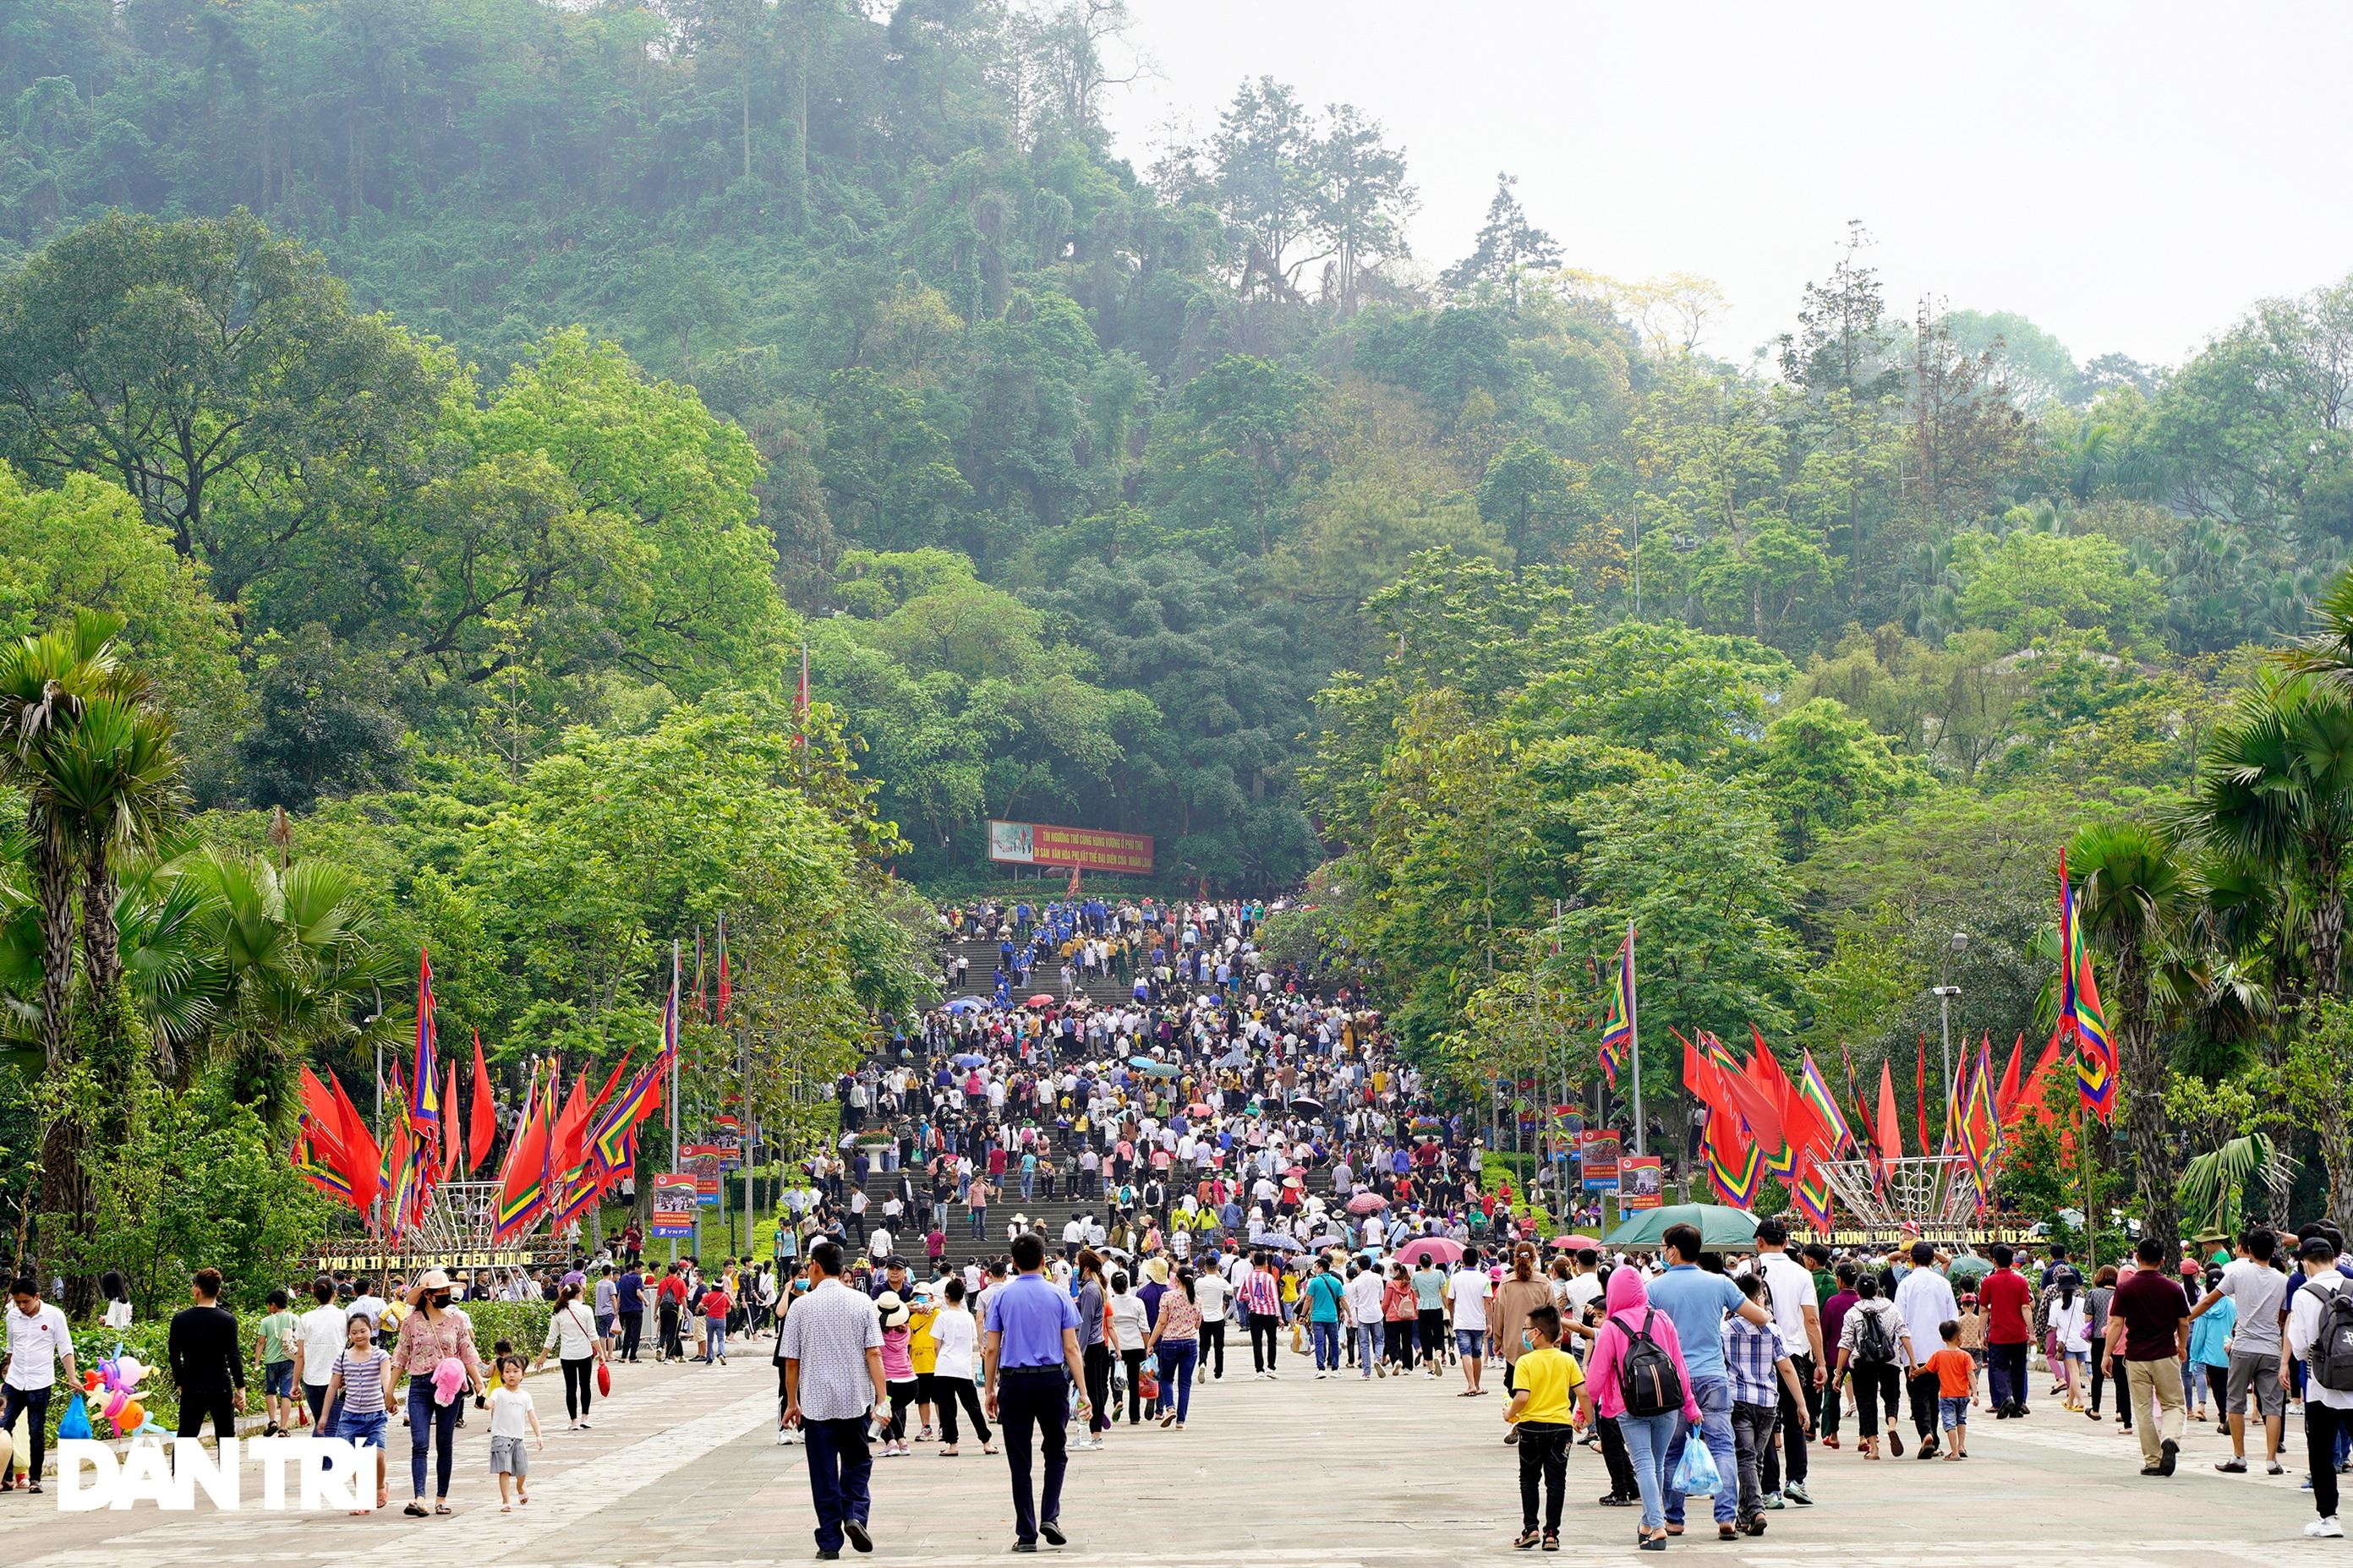 Biển người đổ về lễ hội Đền Hùng trong ngày Quốc Giỗ - 1